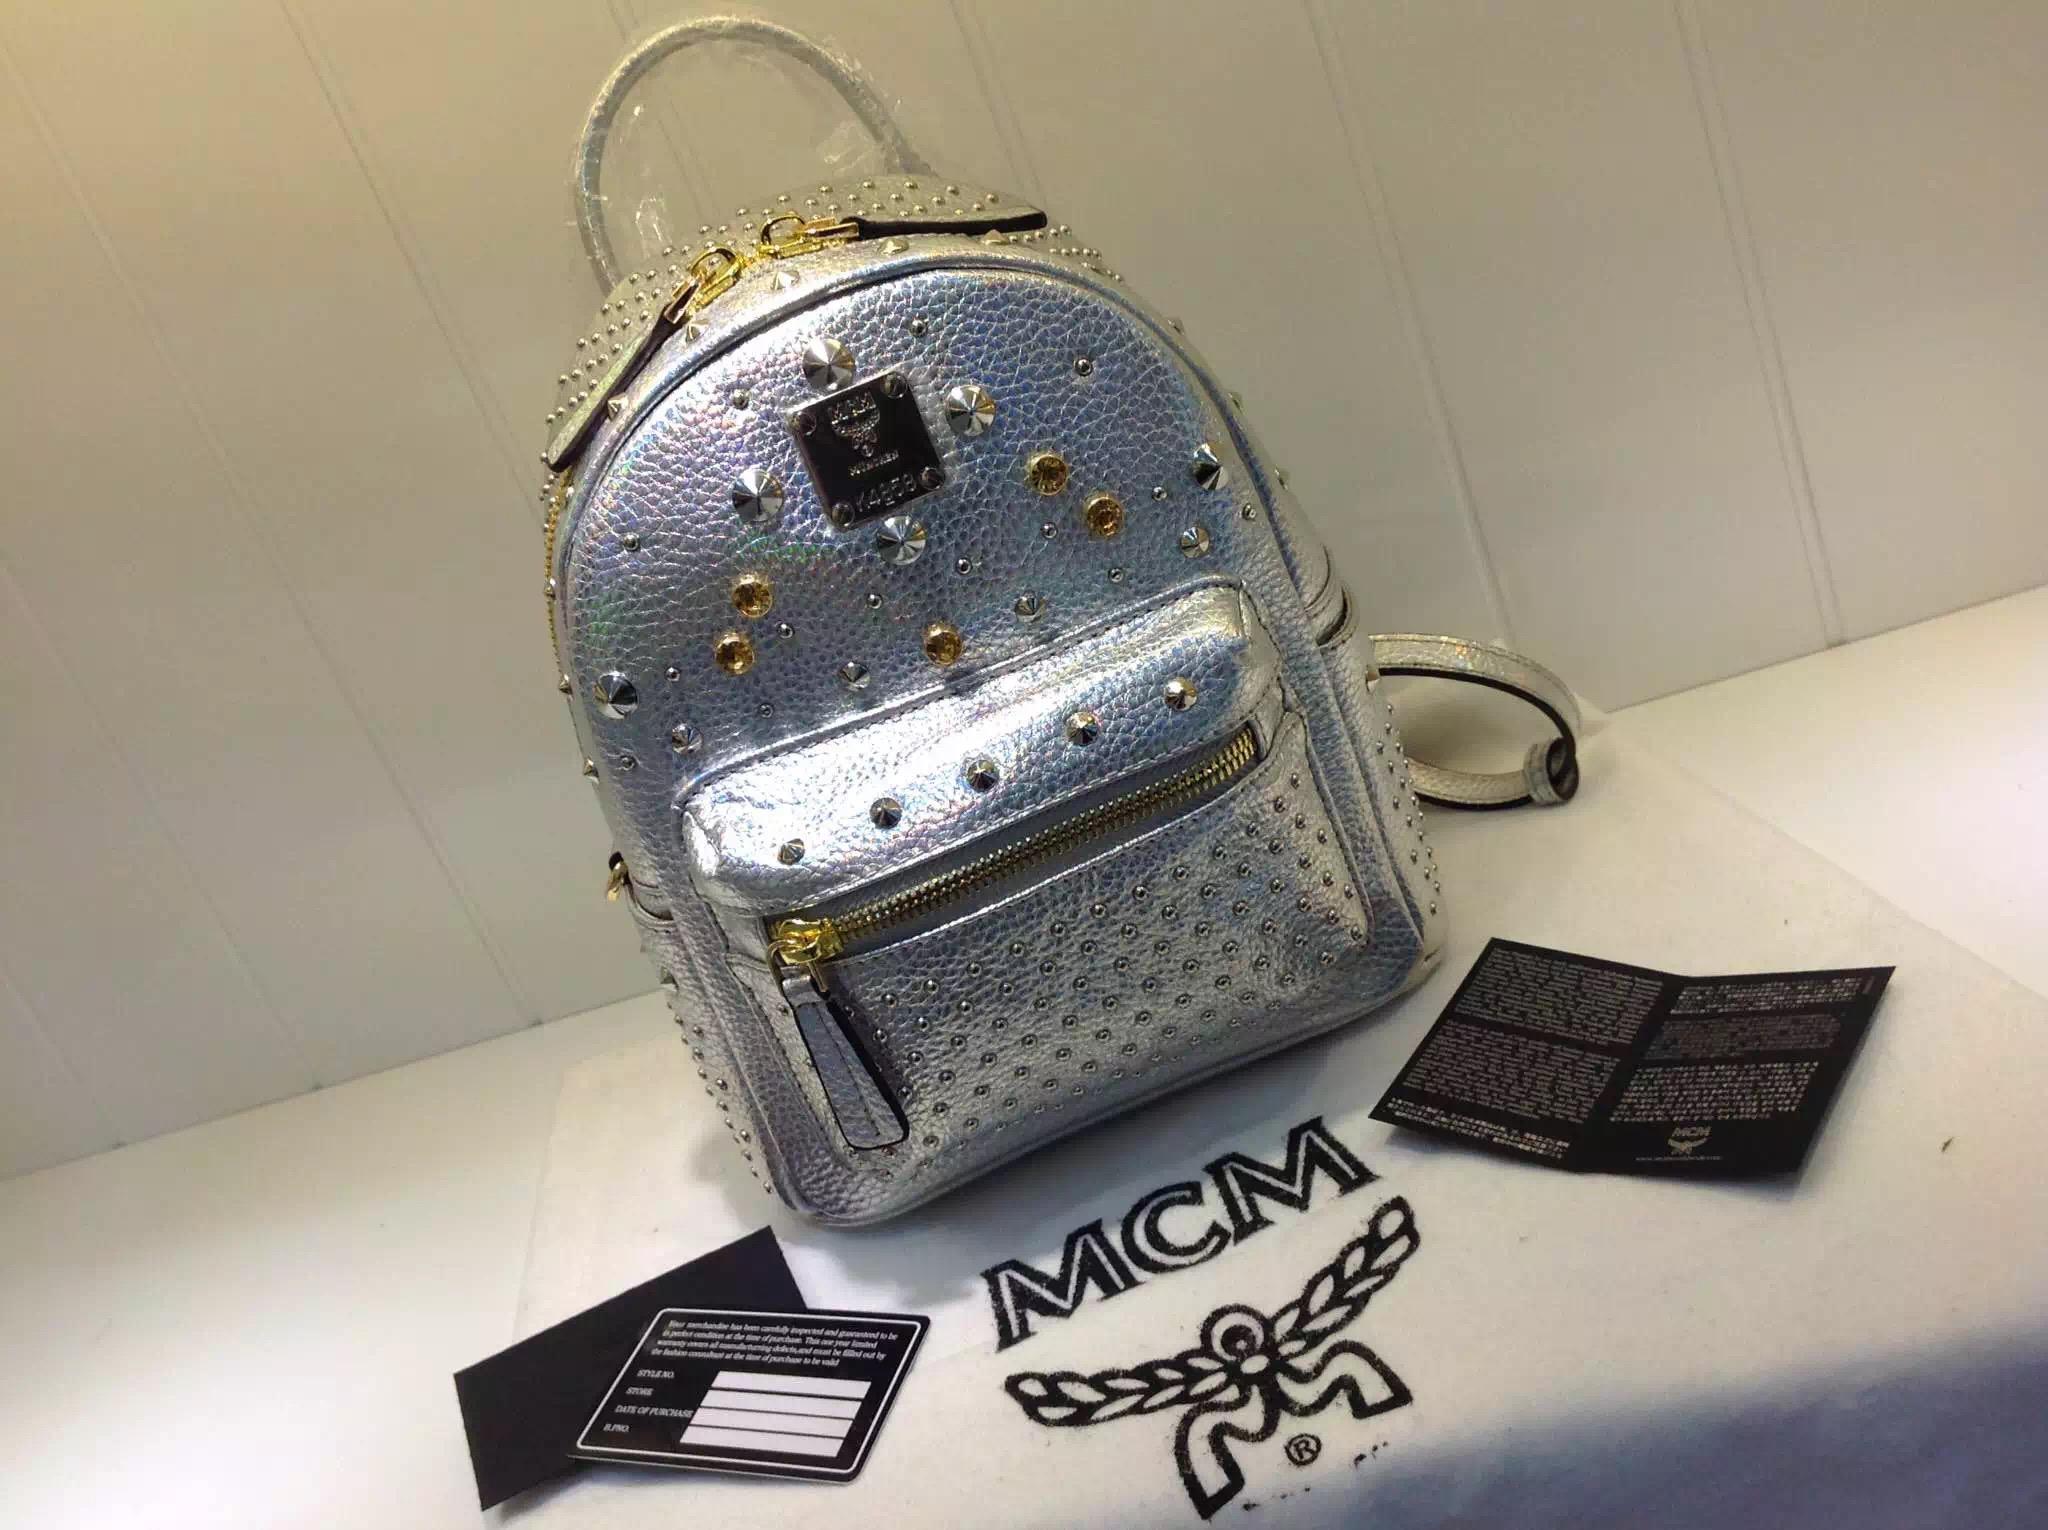 正品代购品质 MCM双肩包 邓紫棋新款 小号mini 金色银色